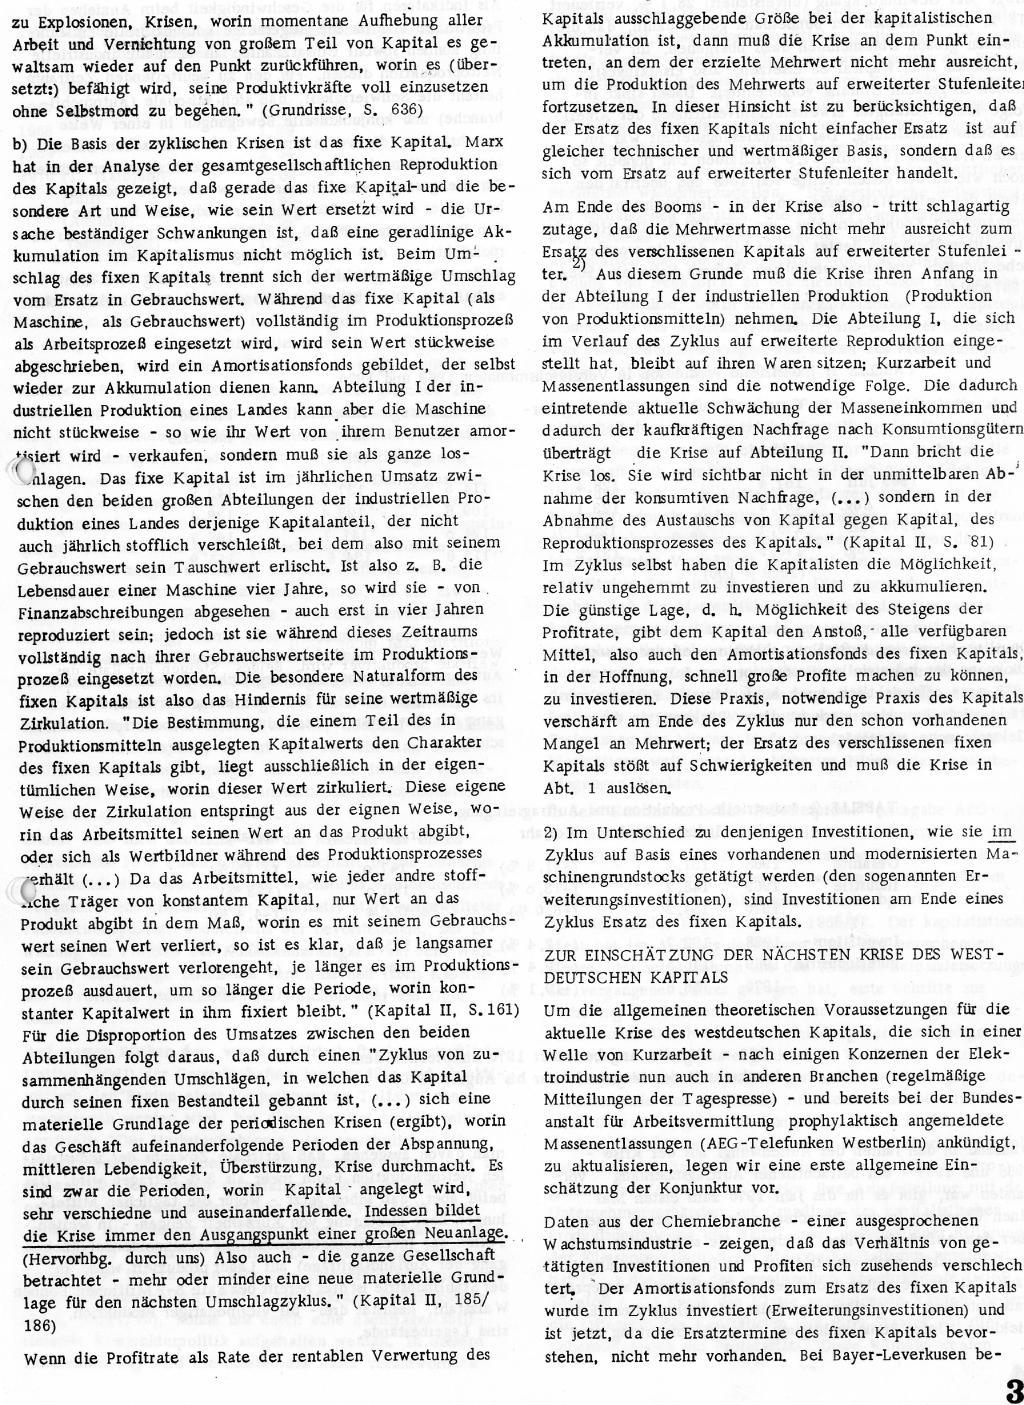 RPK_1970_092_03